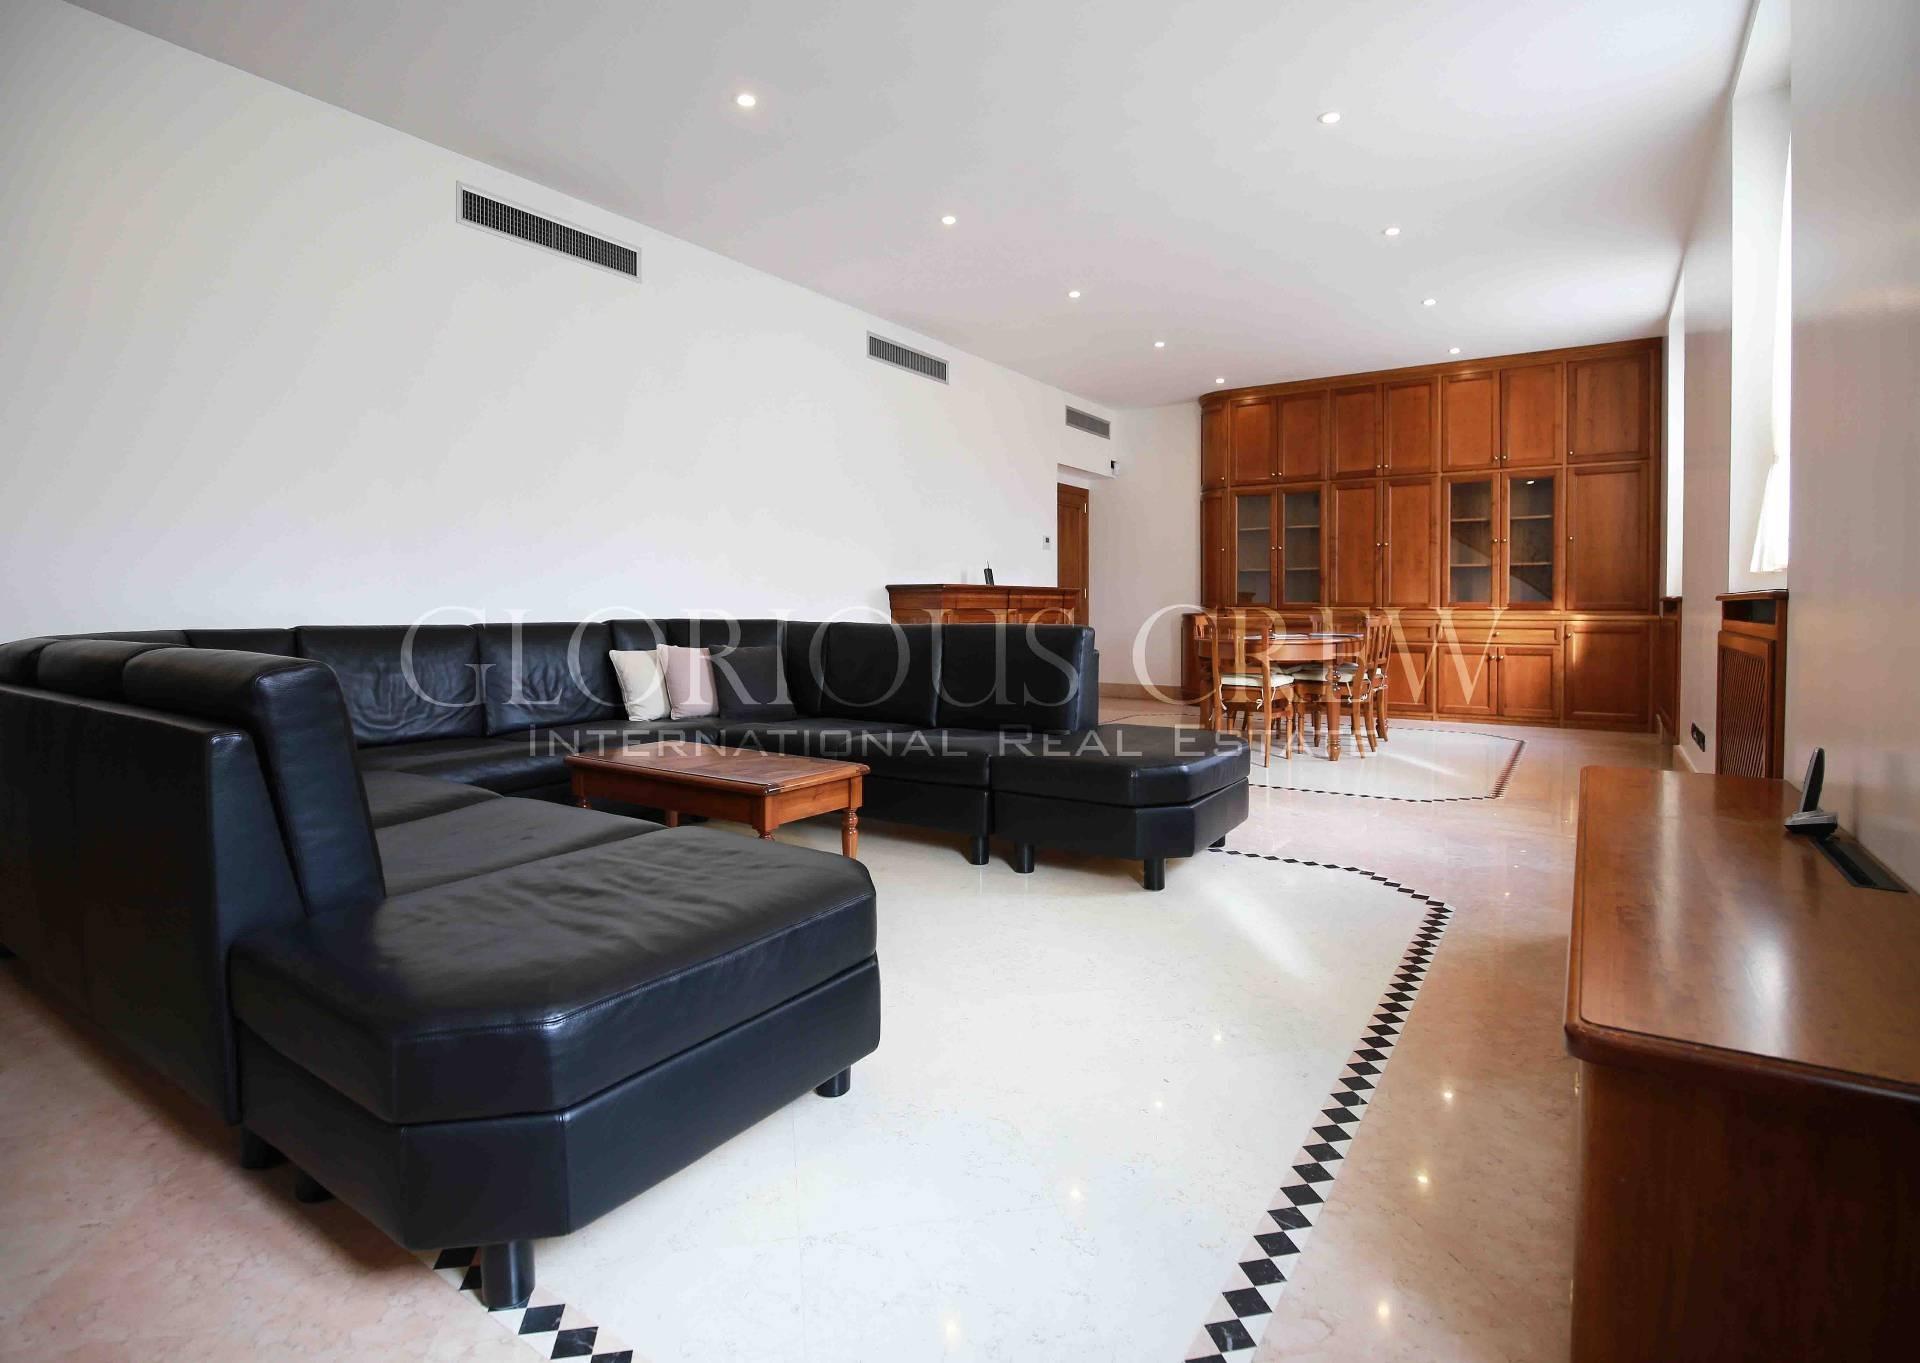 Appartamento in Vendita a Milano: 5 locali, 310 mq - Foto 2